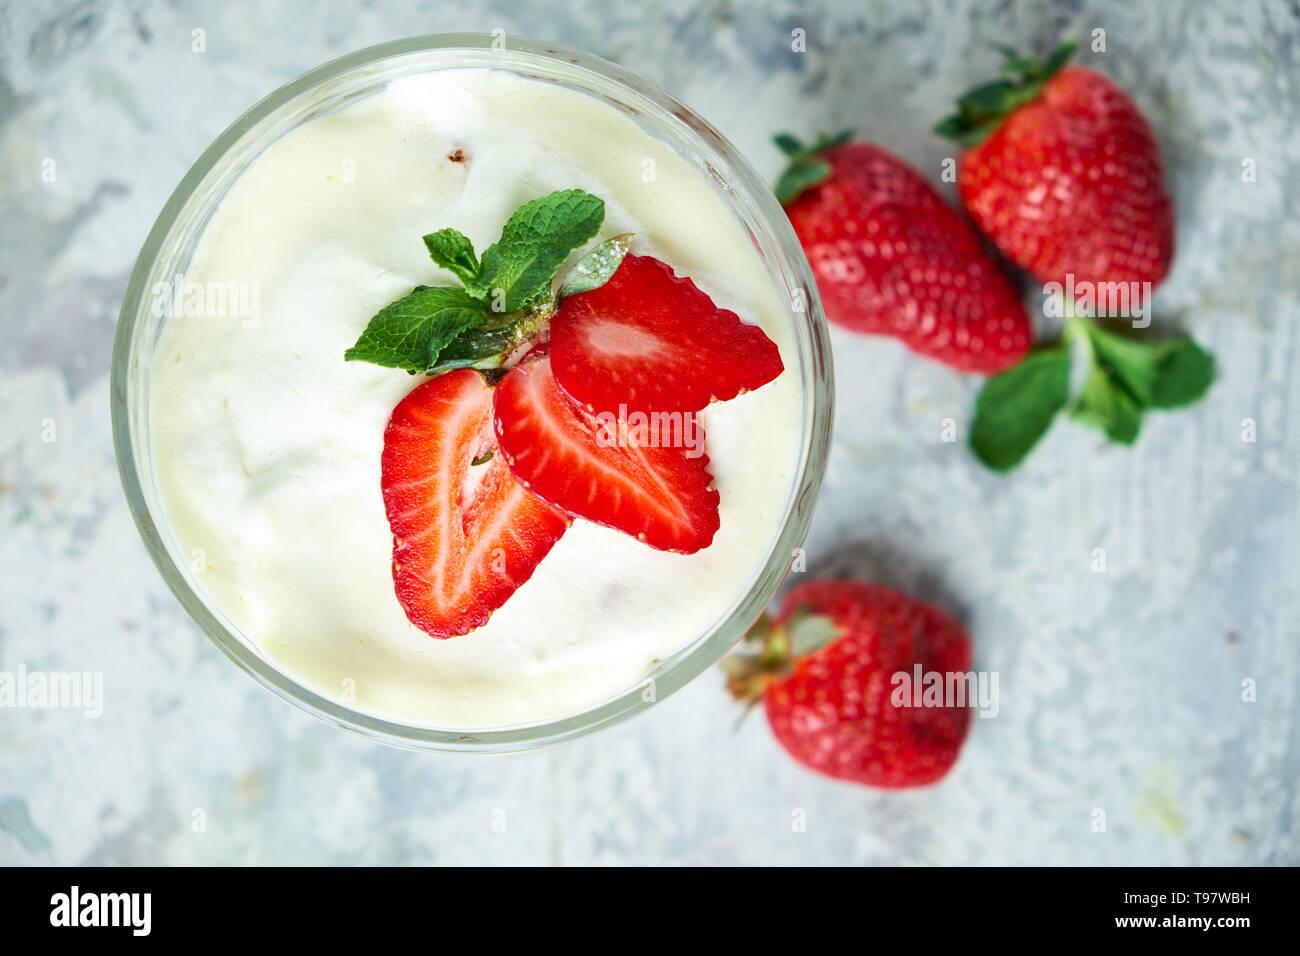 La crème glacée avec des fraises dans un vase de verre. Fond texturé gris. Le Dessert. Vue d'en haut. La chaîne alimentaire Banque D'Images